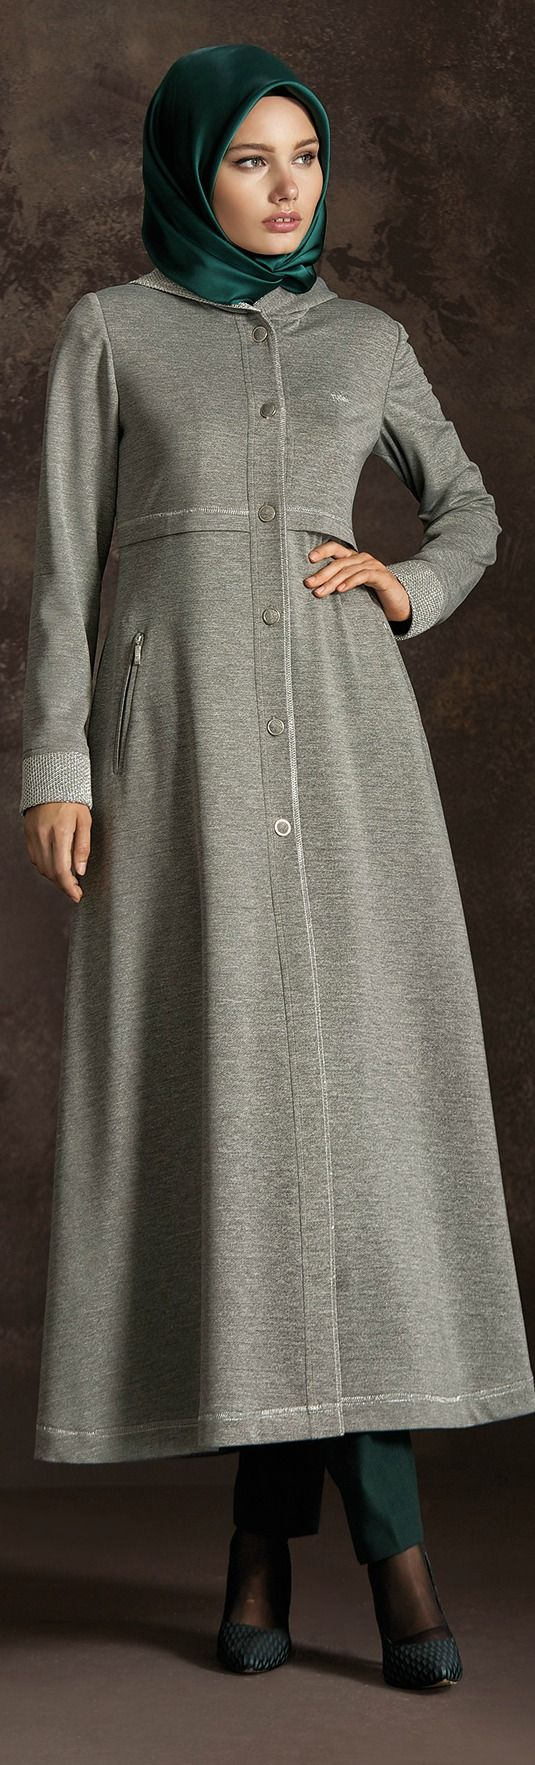 Atemberaubend Gestbaum Skirt Muster Fotos - Nähmuster-Ideen ...